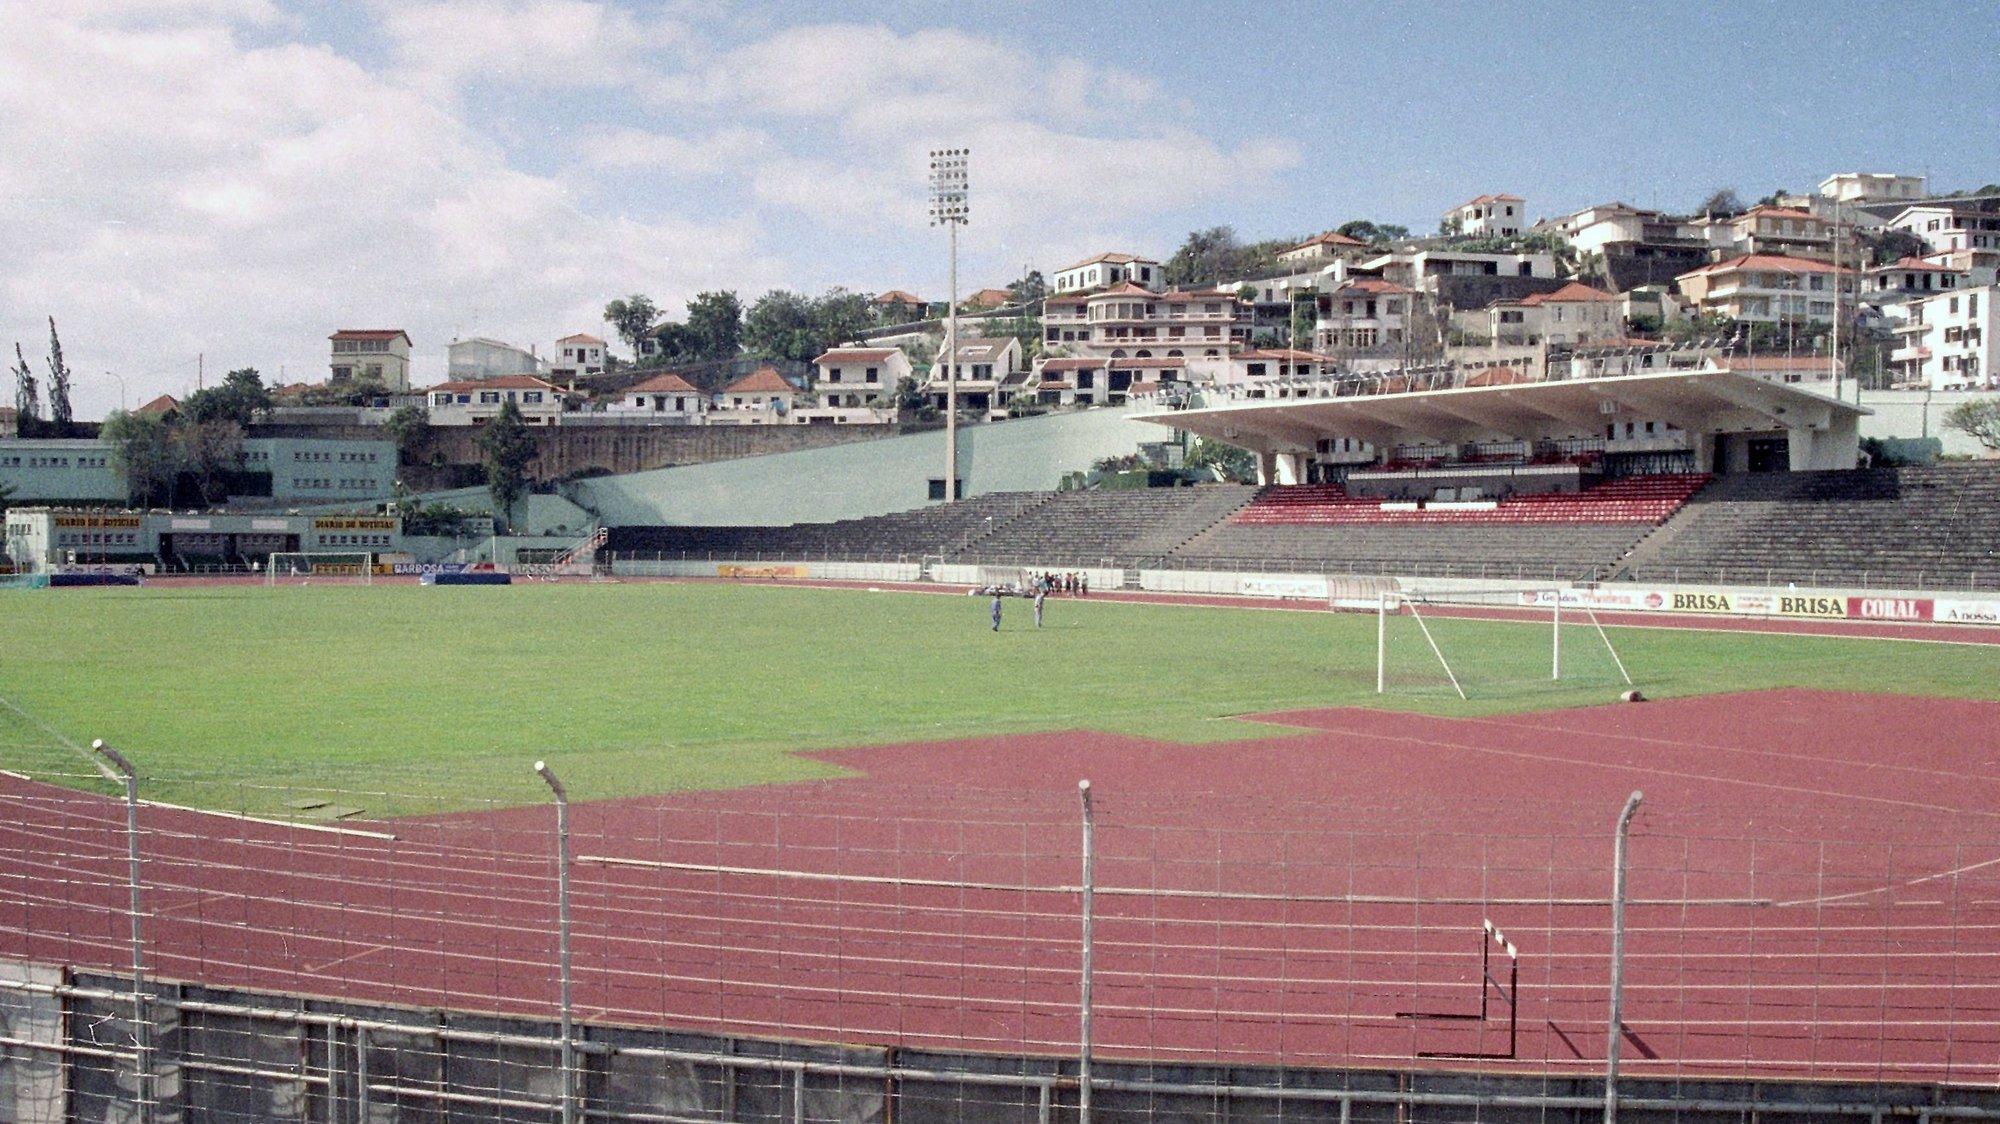 Vista geral do Estádio dos Barreiros no Funchal, a 29 de Abril de 1991.HOMEM GOUVEIA / LUSA